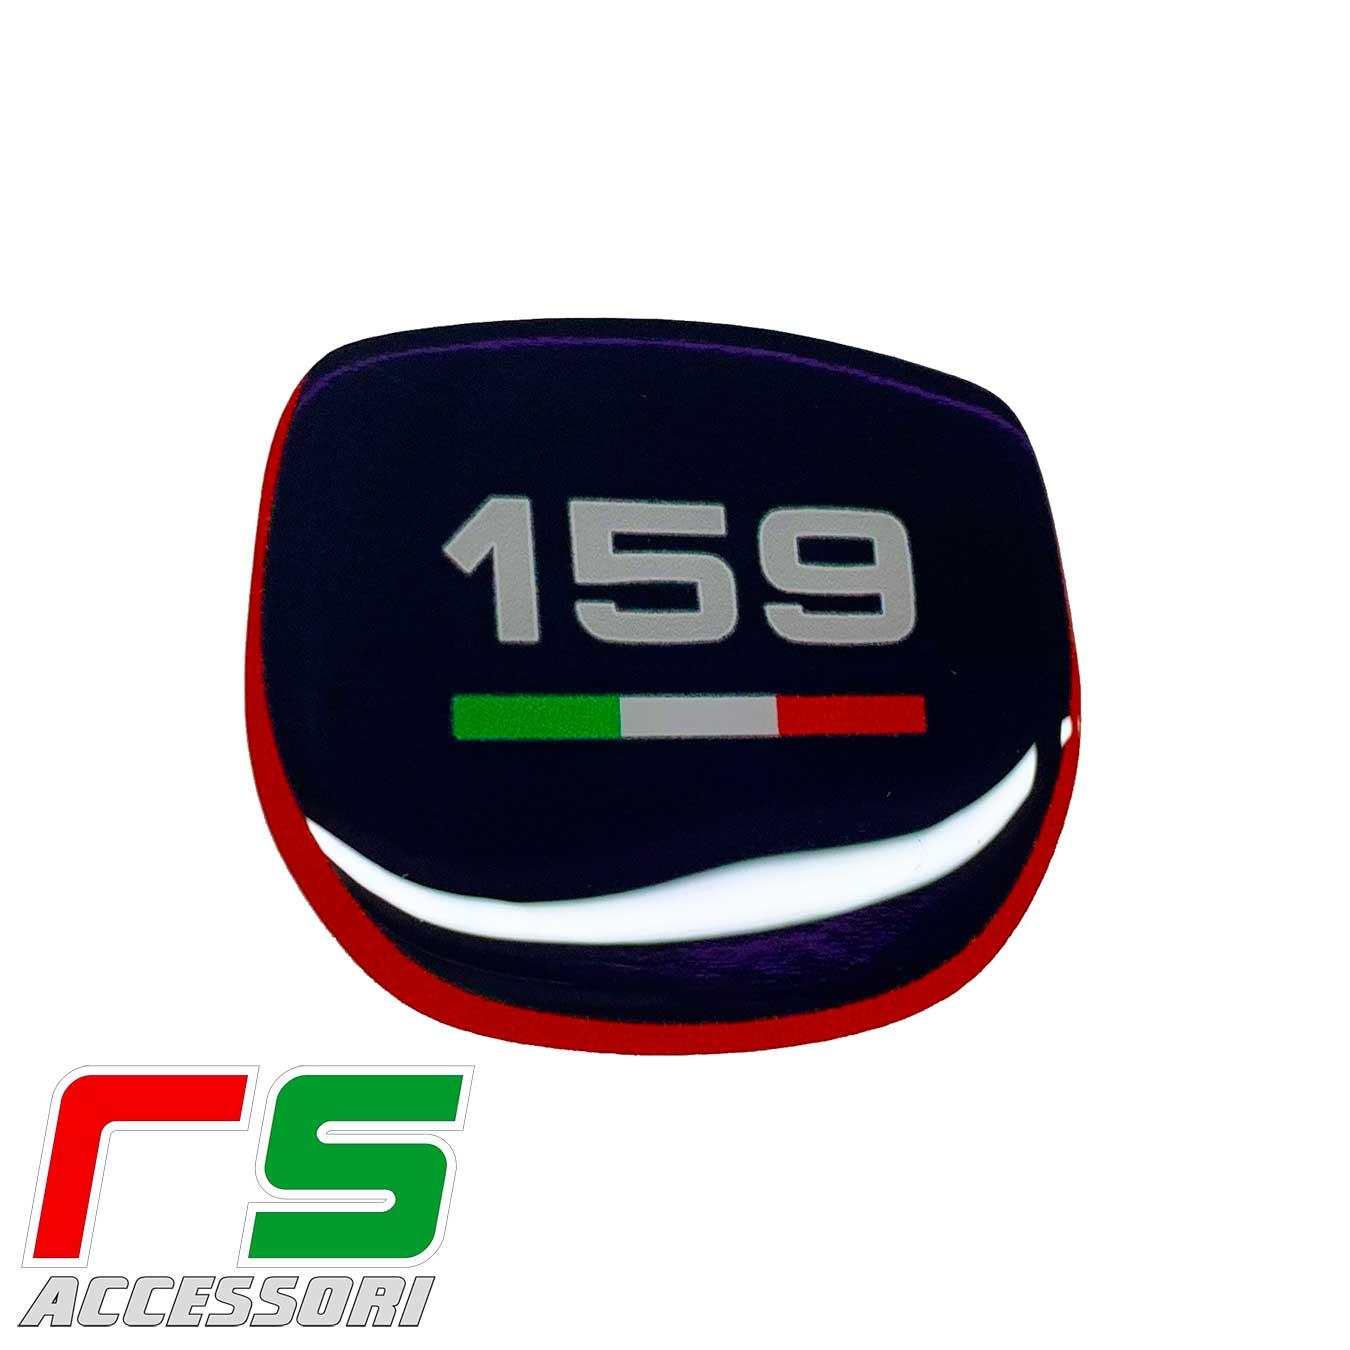 adesivi alfa romeo 159 personalizzati nero maniglia cassetto